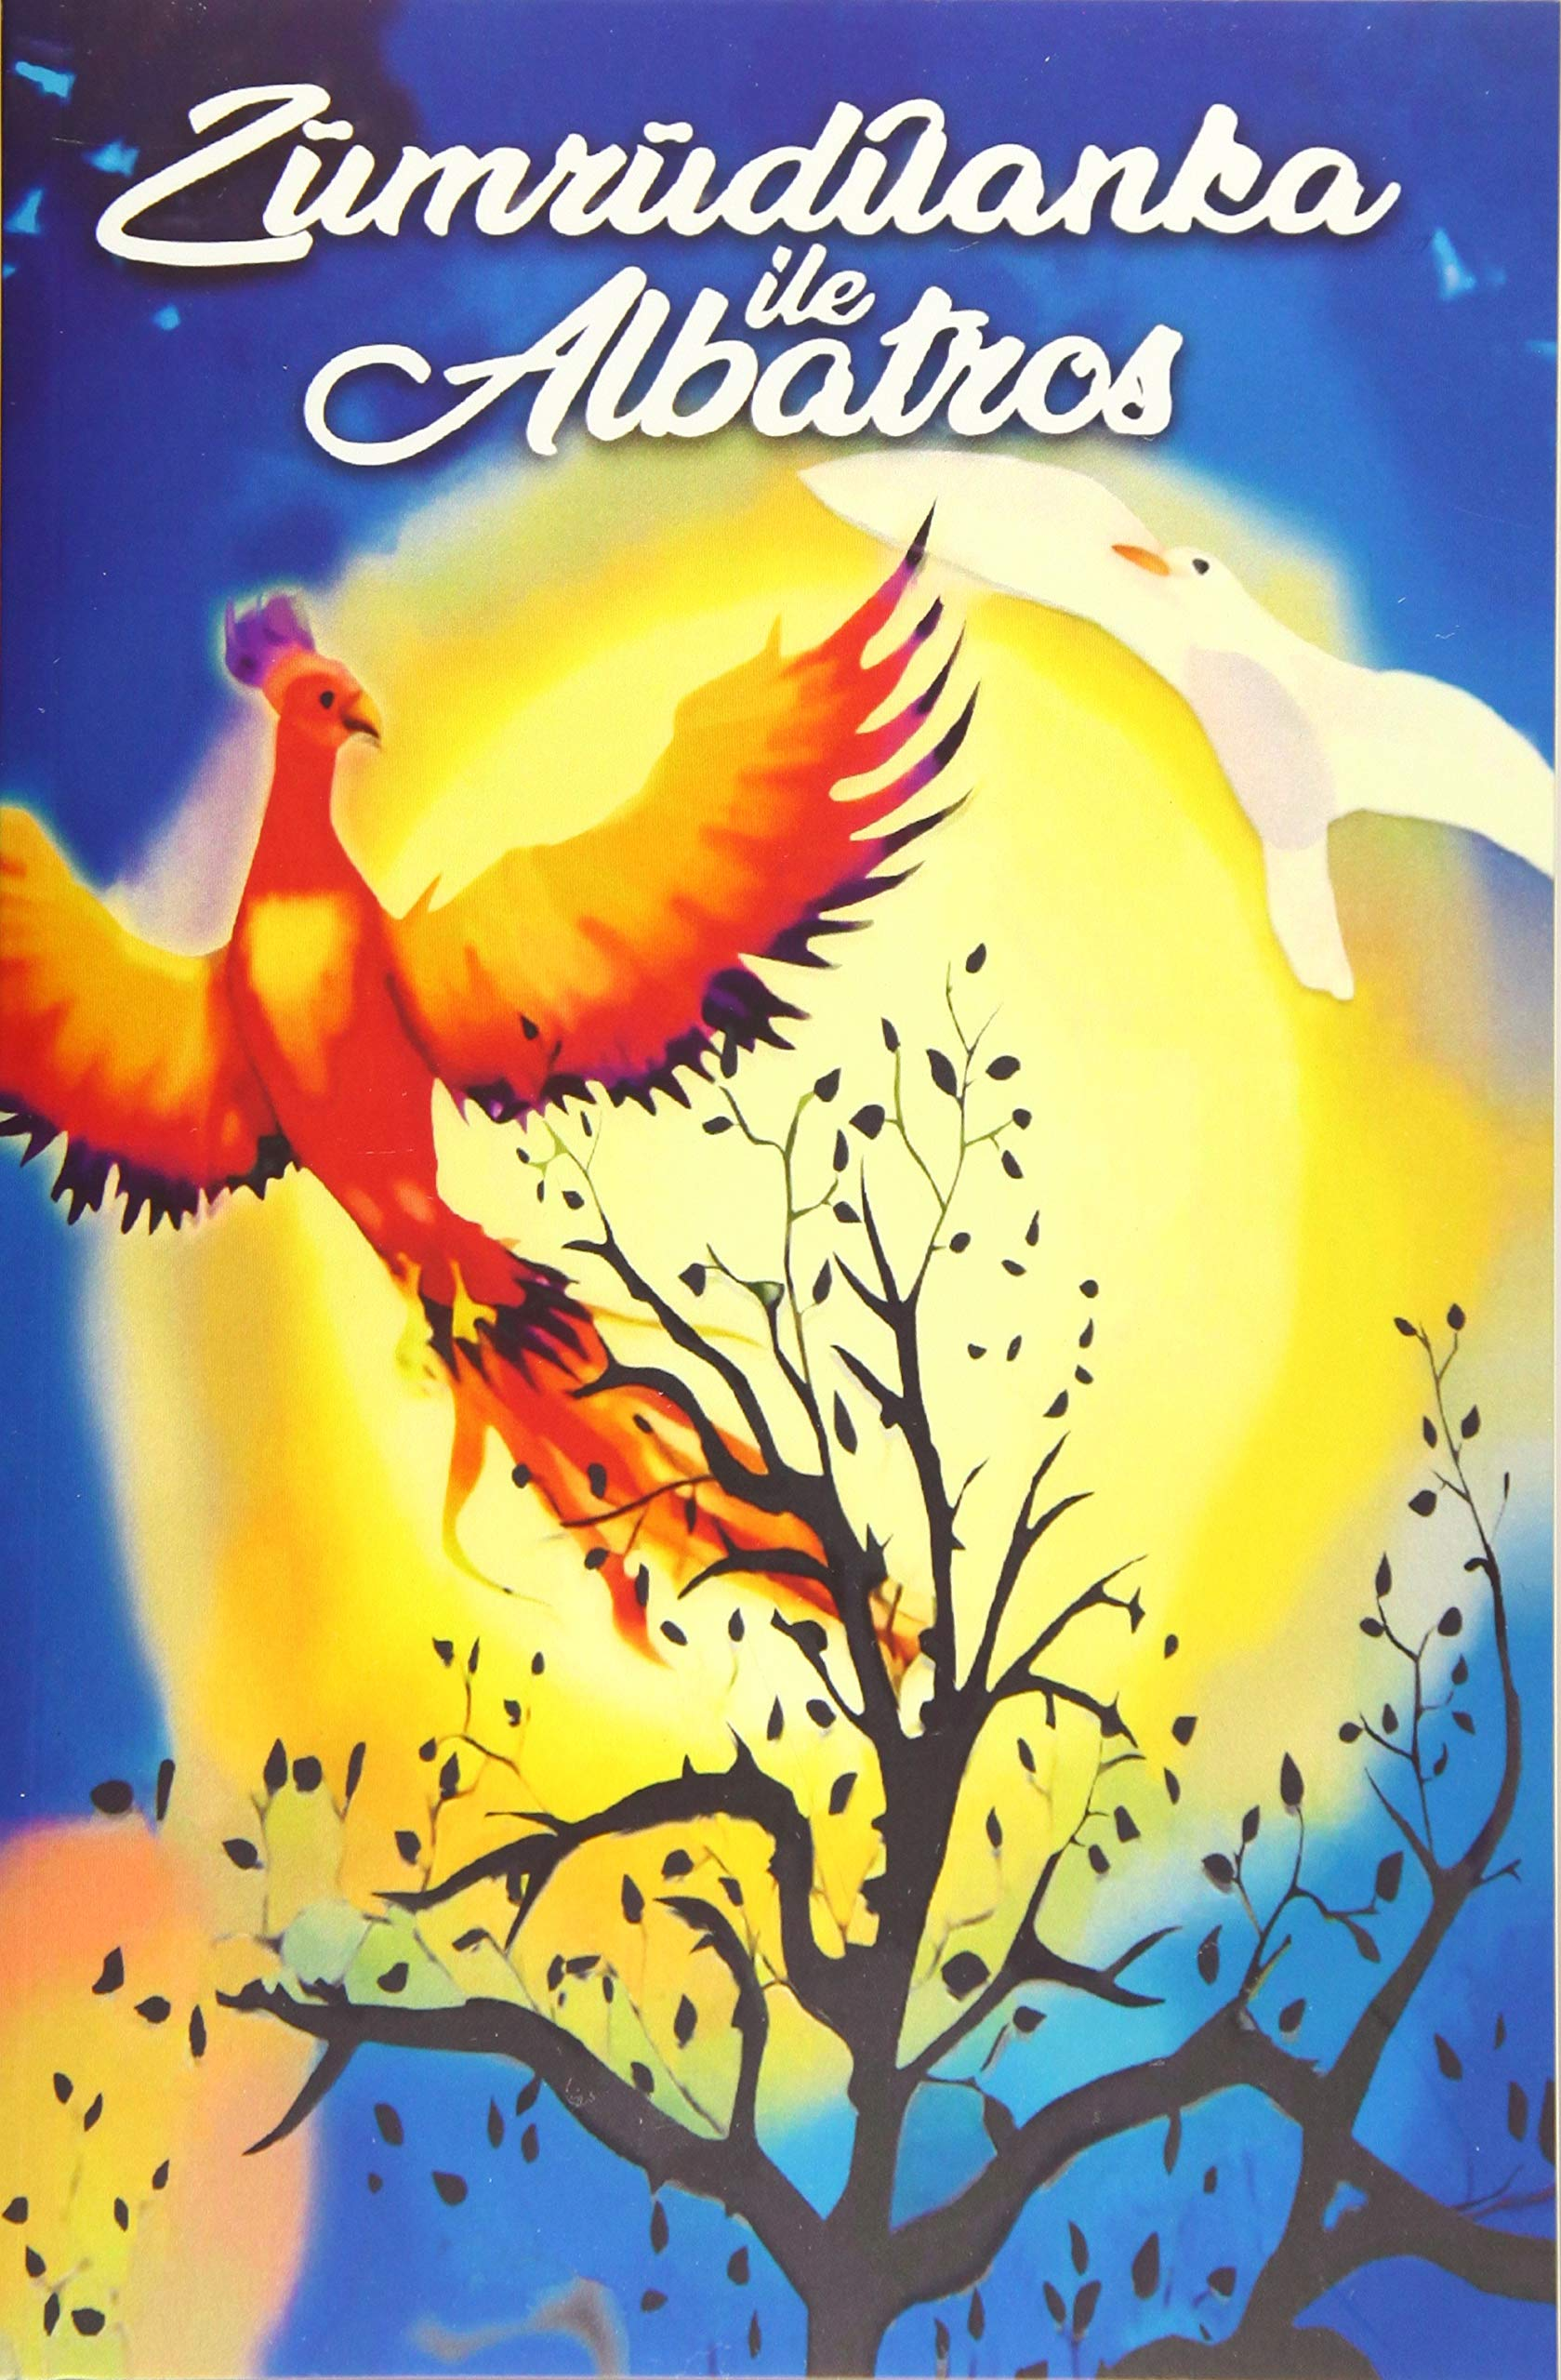 Libro: Zümrüdüanka ile albatros (El fénix y el albatros)